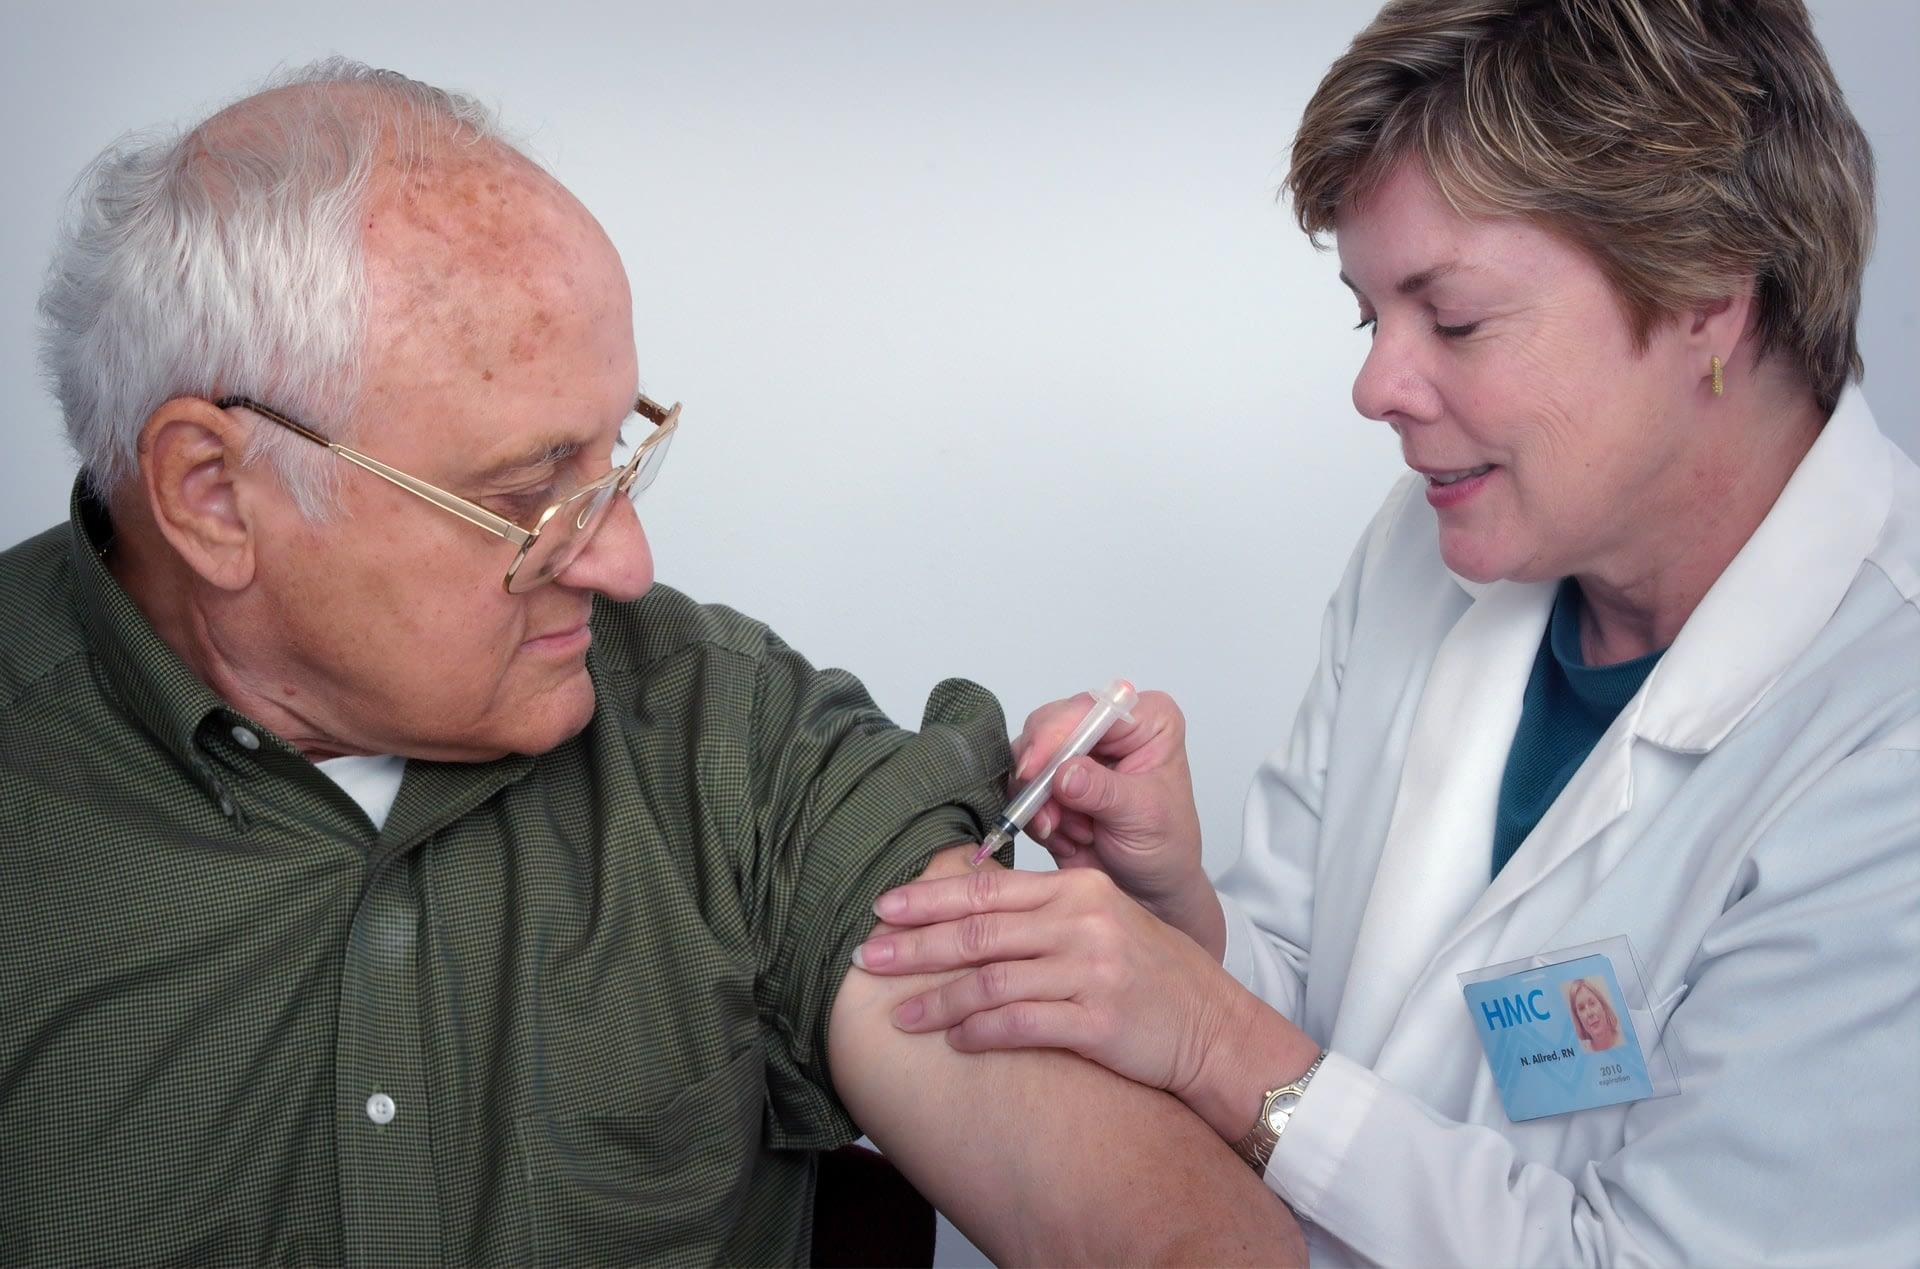 Accolte le richieste di Anaste nel nuovo decreto sulle vaccinazioni